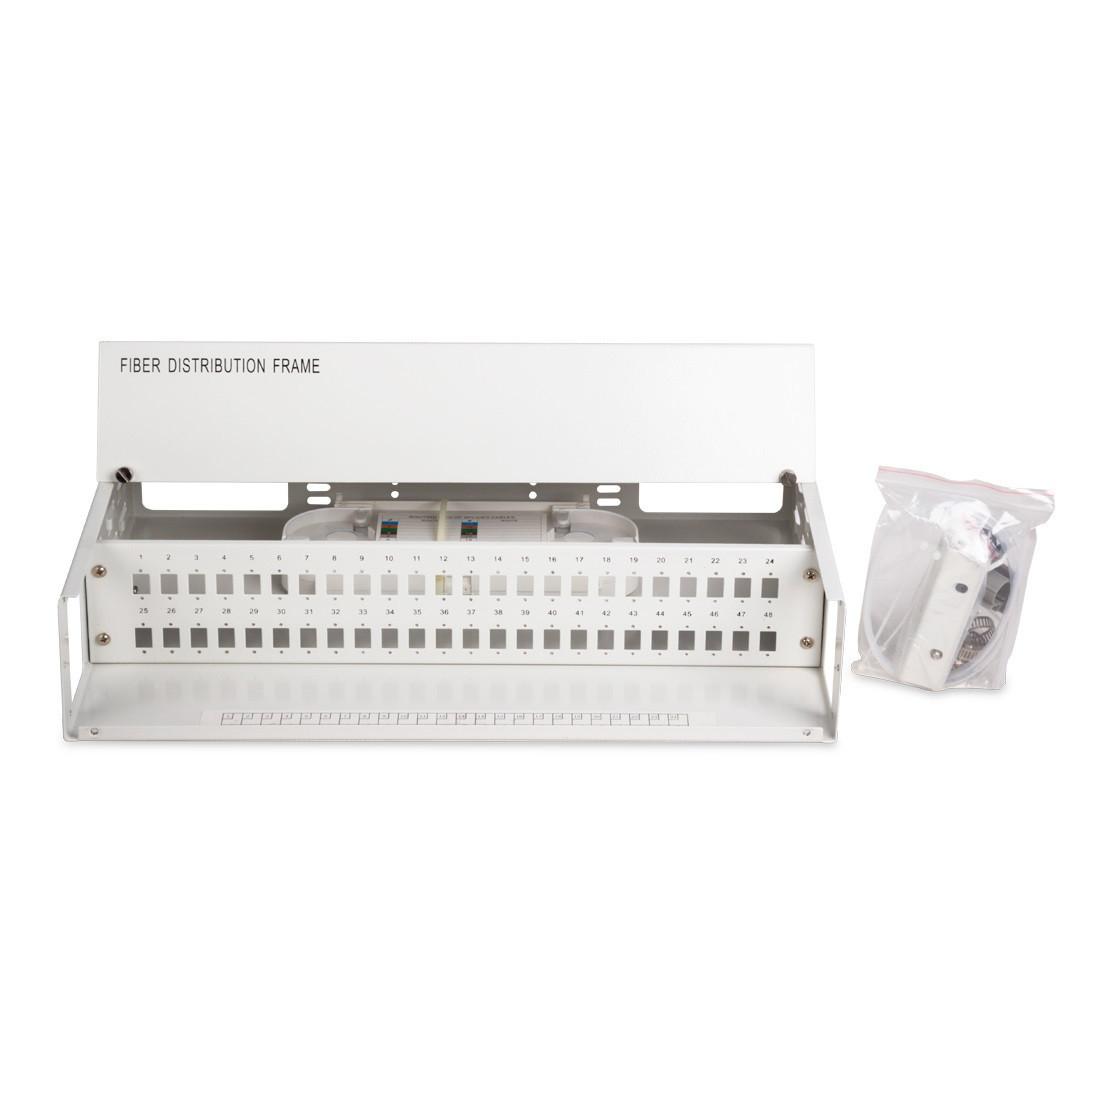 Кросс оптический 2U SC/APC 36 PORT SM (в комплекте 36 адаптеров+36 пигтейлов+36 гильз)